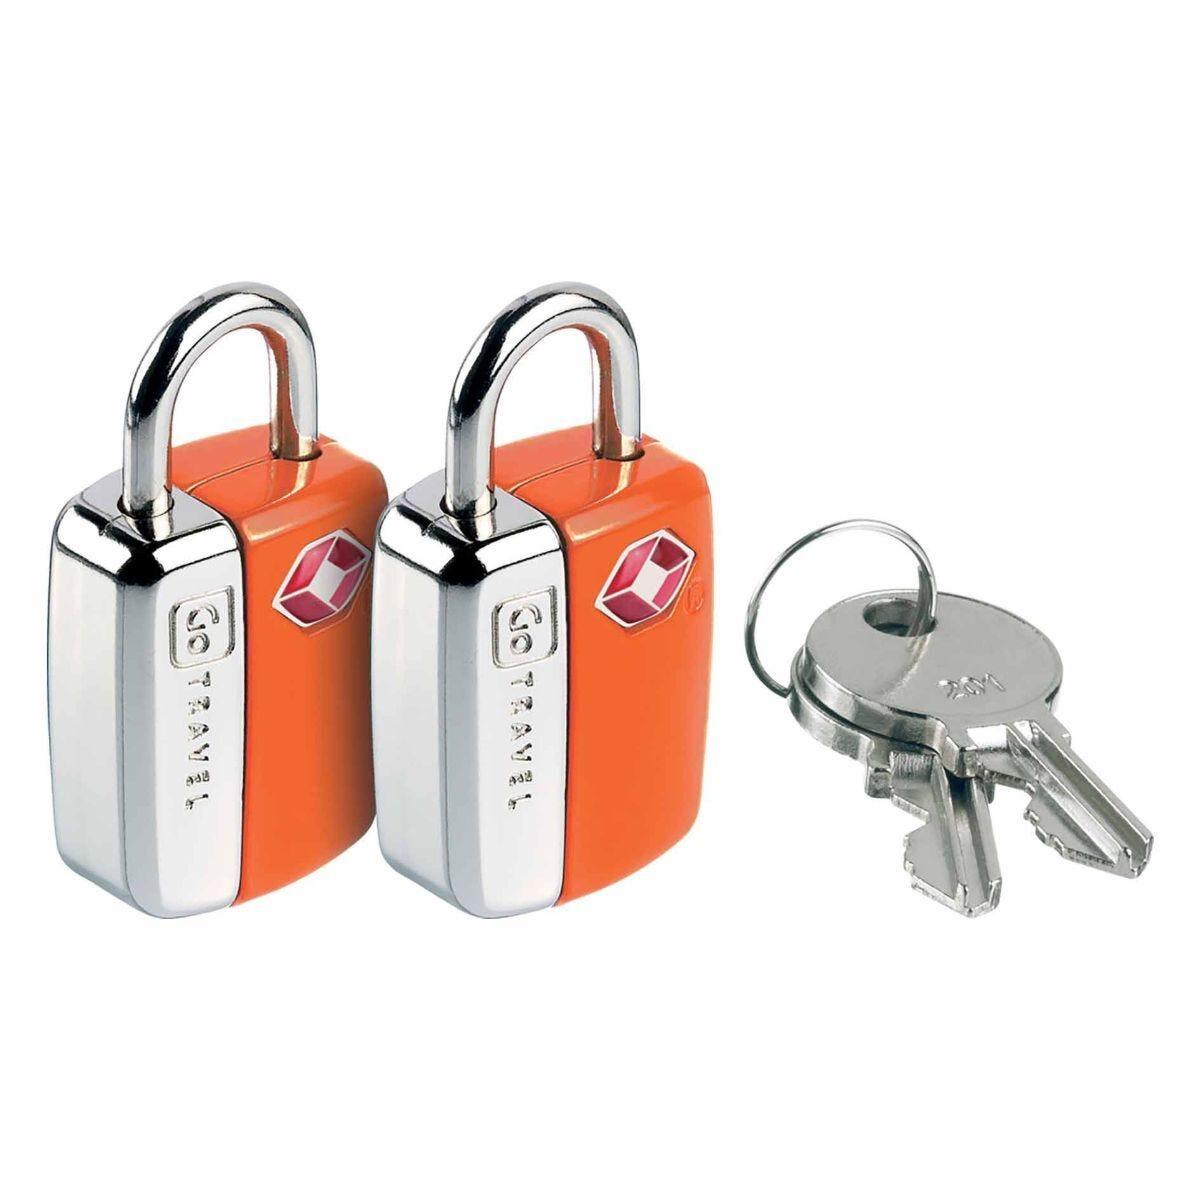 Go Travel Mini Travel Sentry Lock Pack of 2